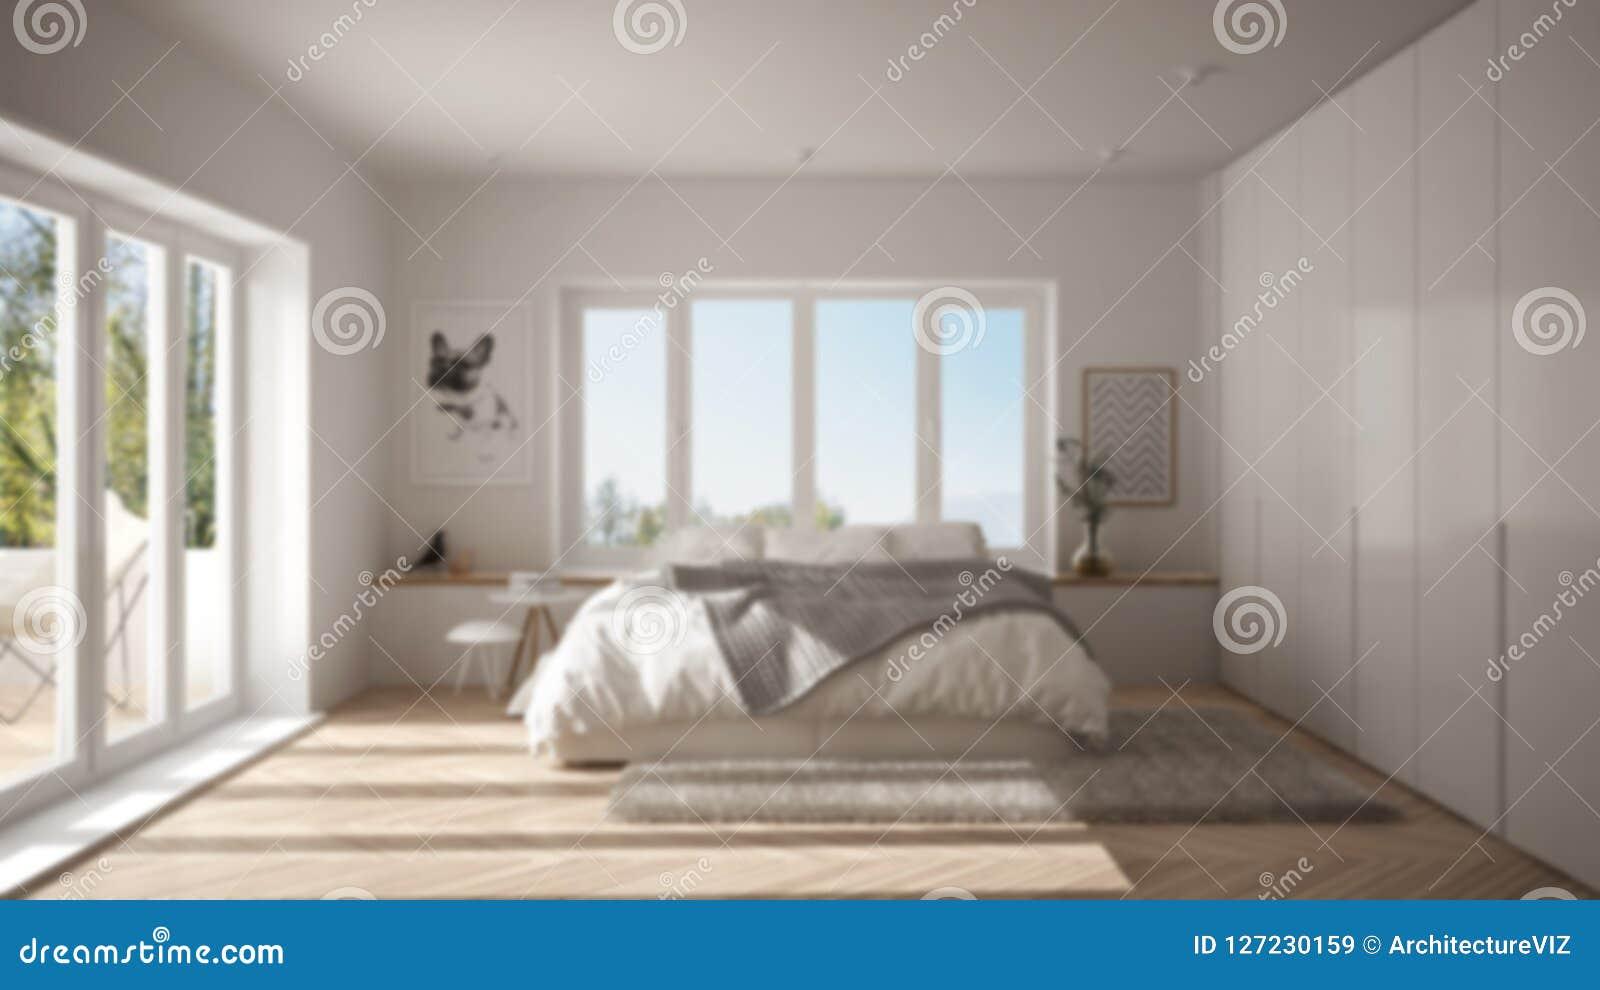 Camere Da Letto Design Minimalista : Offuschi l interior design del fondo camera da letto minimalista